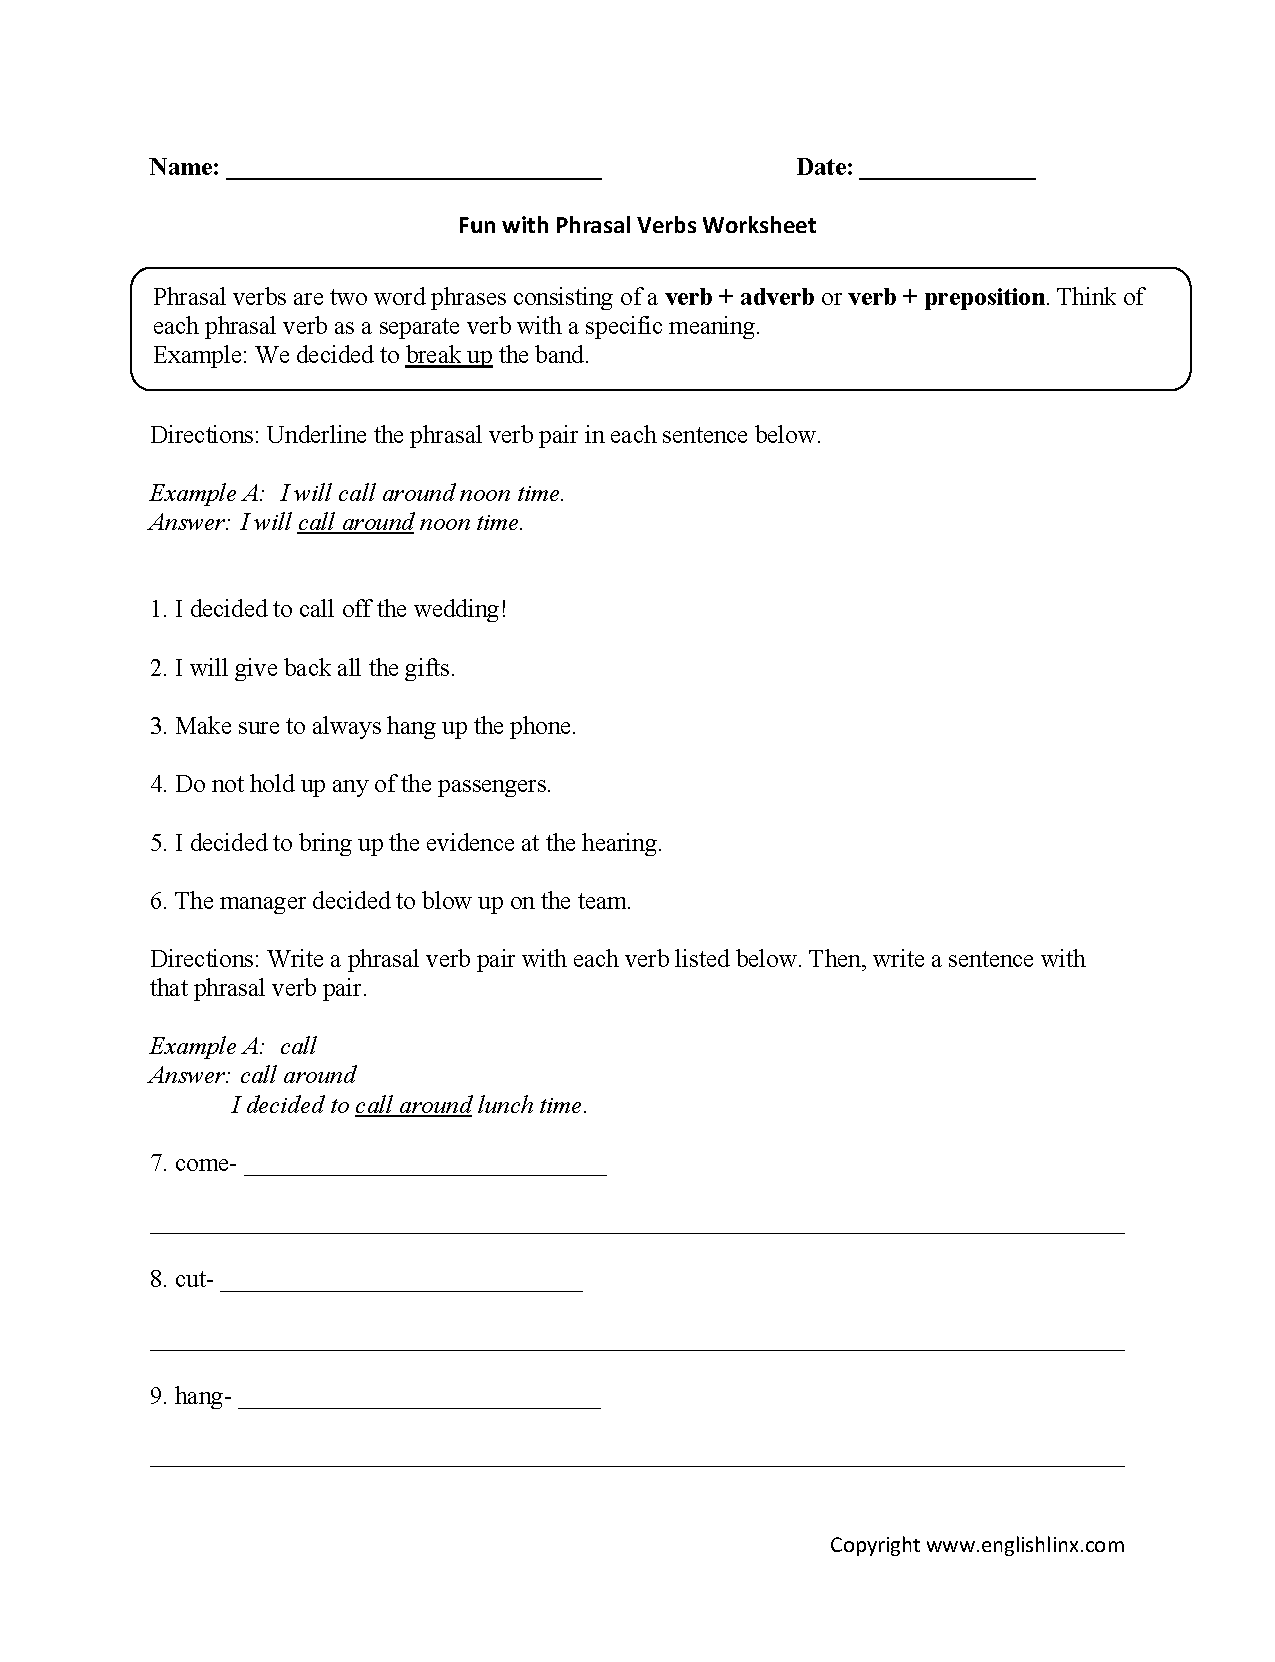 Worksheets Phrasal Verbs Worksheet fun with phrasal verbs worksheet englishlinx com board worksheet